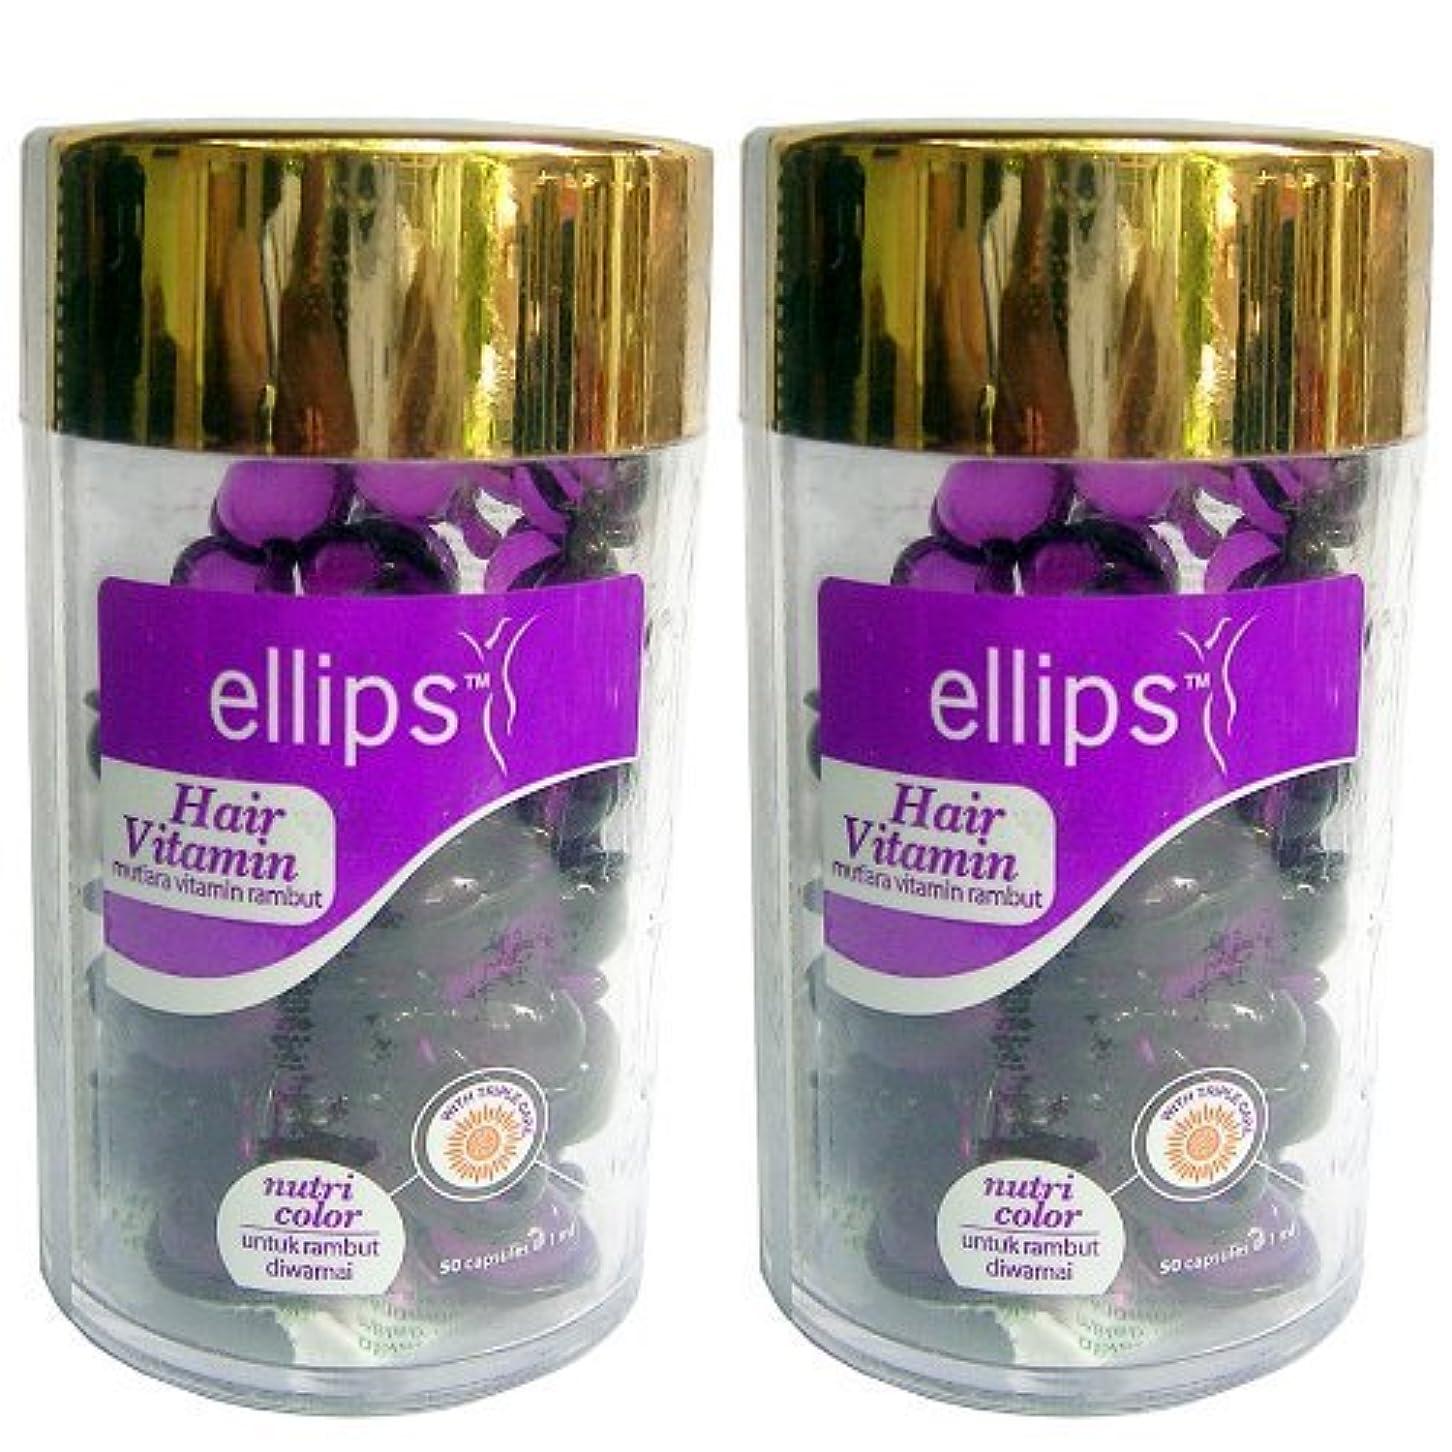 お母さんインフレーション経験Ellips(エリプス)ヘアビタミン(50粒入)2個セット [並行輸入品][海外直送品] パープル